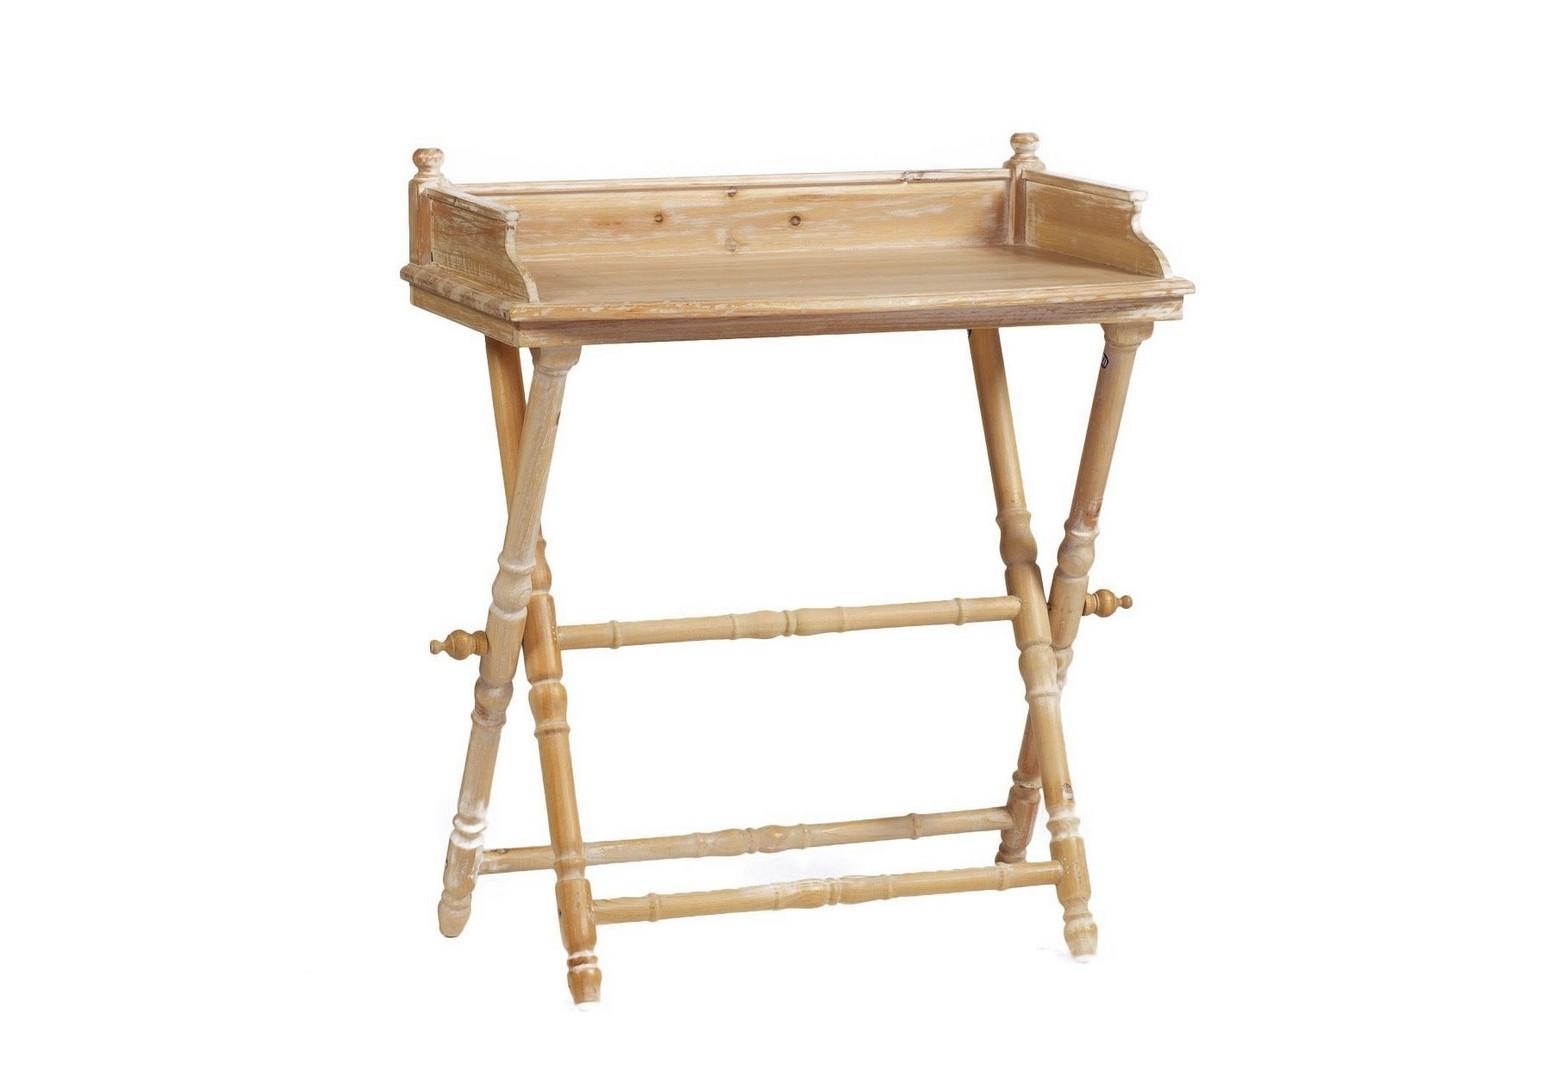 Складной столик MirabelСервировочные столики<br>Складной столик Mirabel – это настоящая находка для ценителей практичных и красивых вещей. В сложенном виде предмет мебели занимает мало места, поэтому его удобно хранить в любом углу или шкафу. Идеальное приобретение для любителей романтических завтраков в постель.<br><br>Material: Дерево<br>Length см: 68.0<br>Width см: 40.0<br>Depth см: None<br>Height см: 77.0<br>Diameter см: None